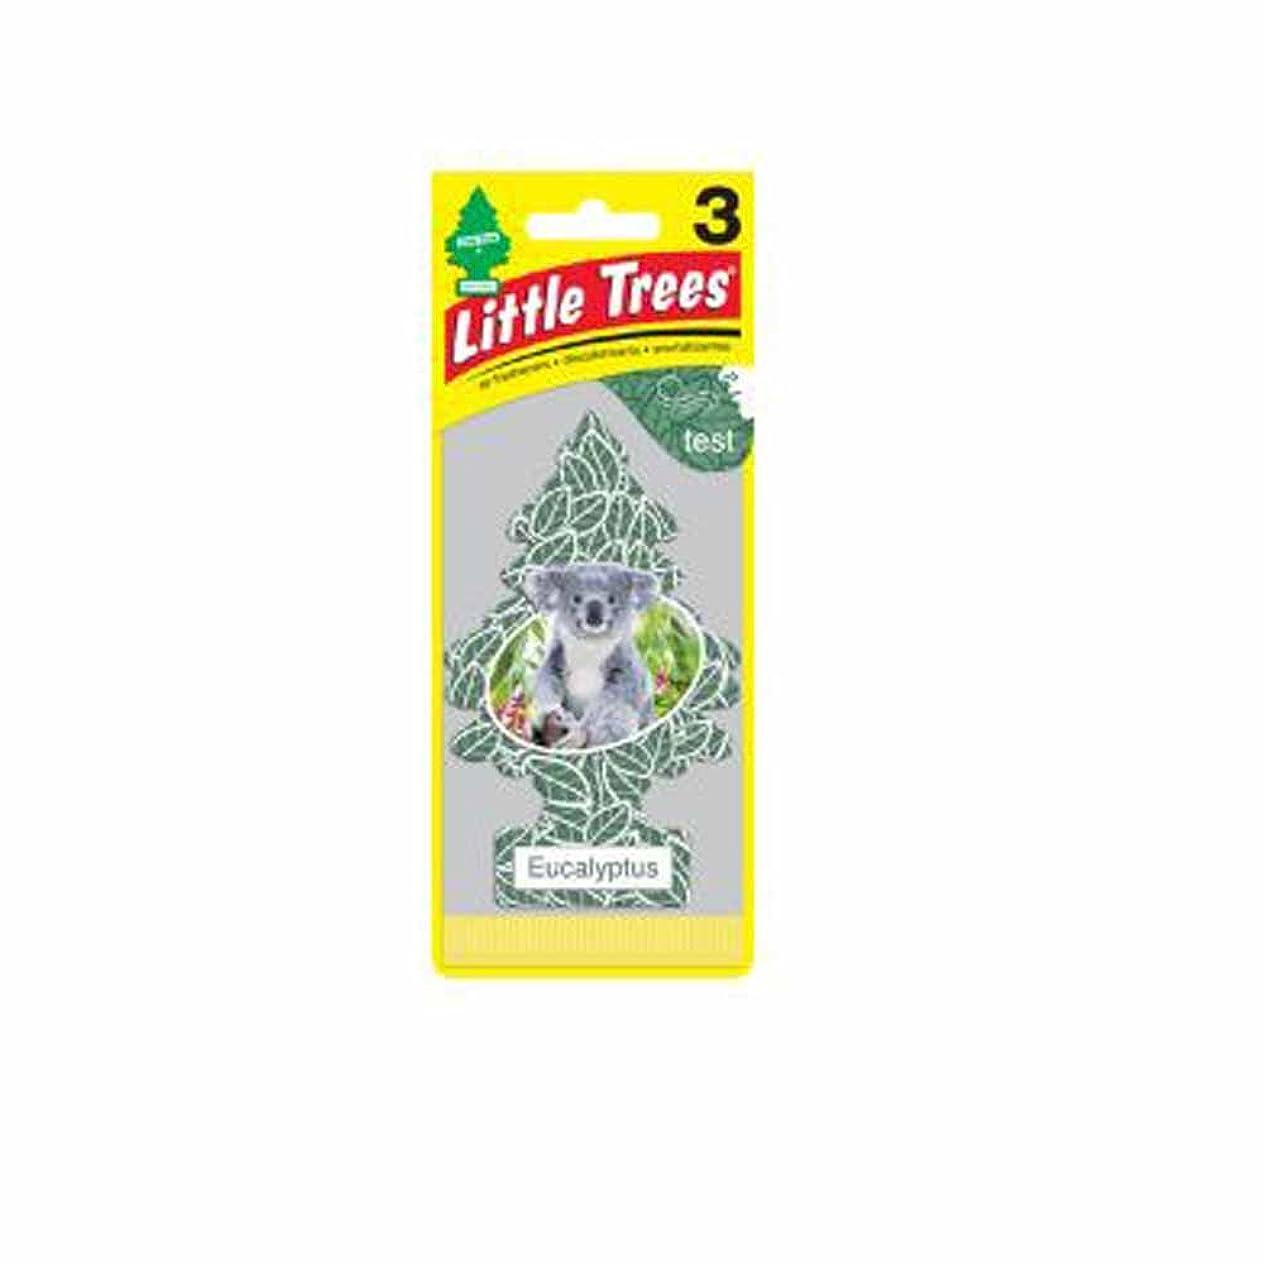 変化する評判合金Little Trees 吊下げタイプ エアーフレッシュナー eucalyptus(ユーカリ) 3枚セット(3P) U3S-37365